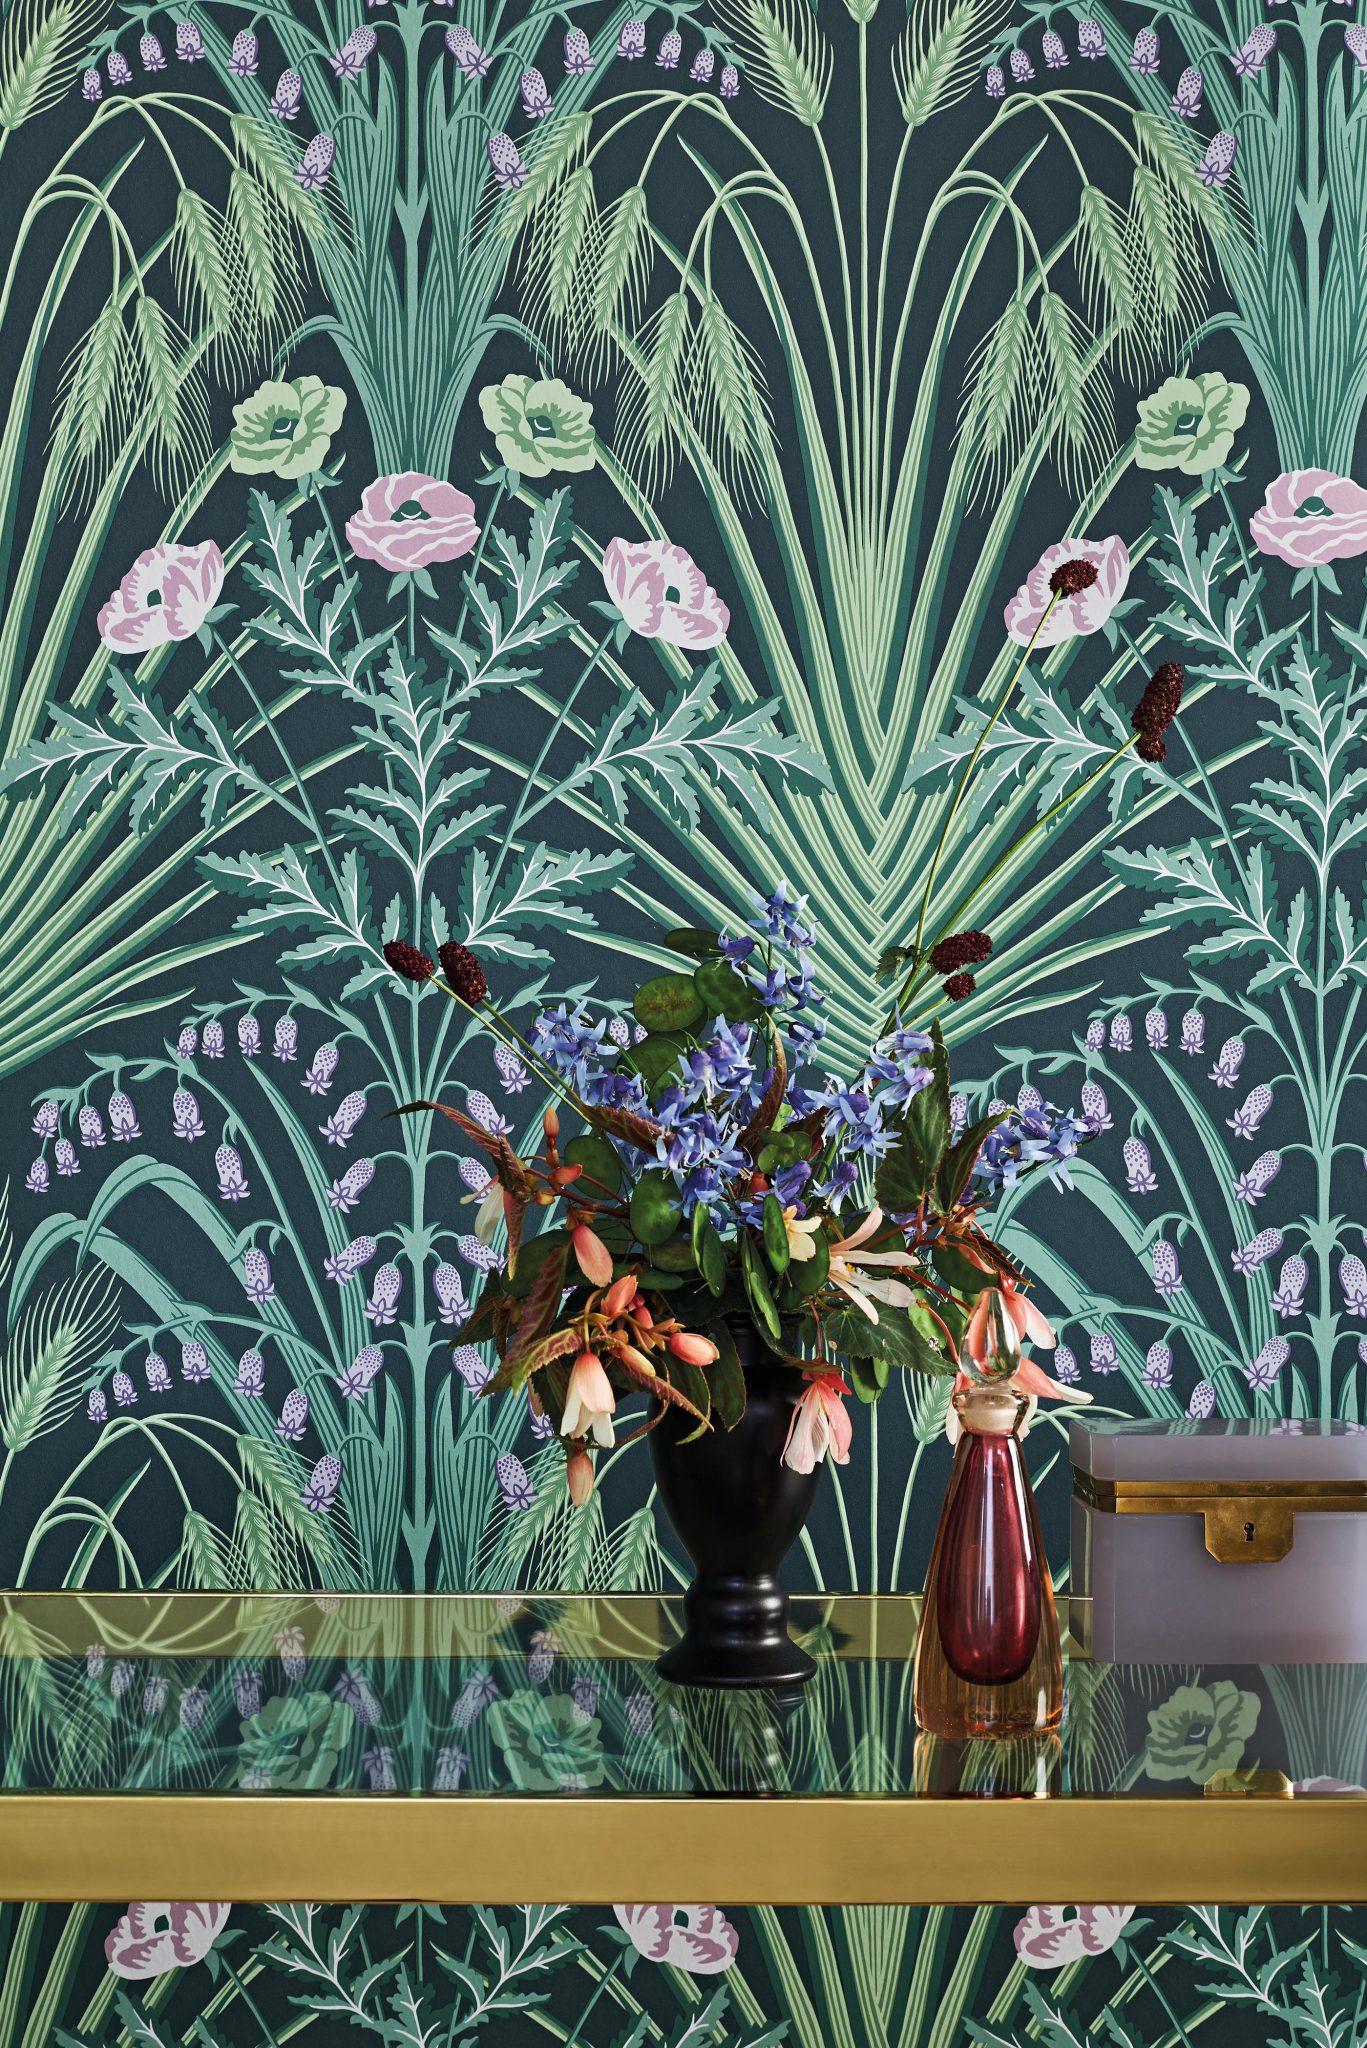 elementos-botanicos-em-alta-no-decor